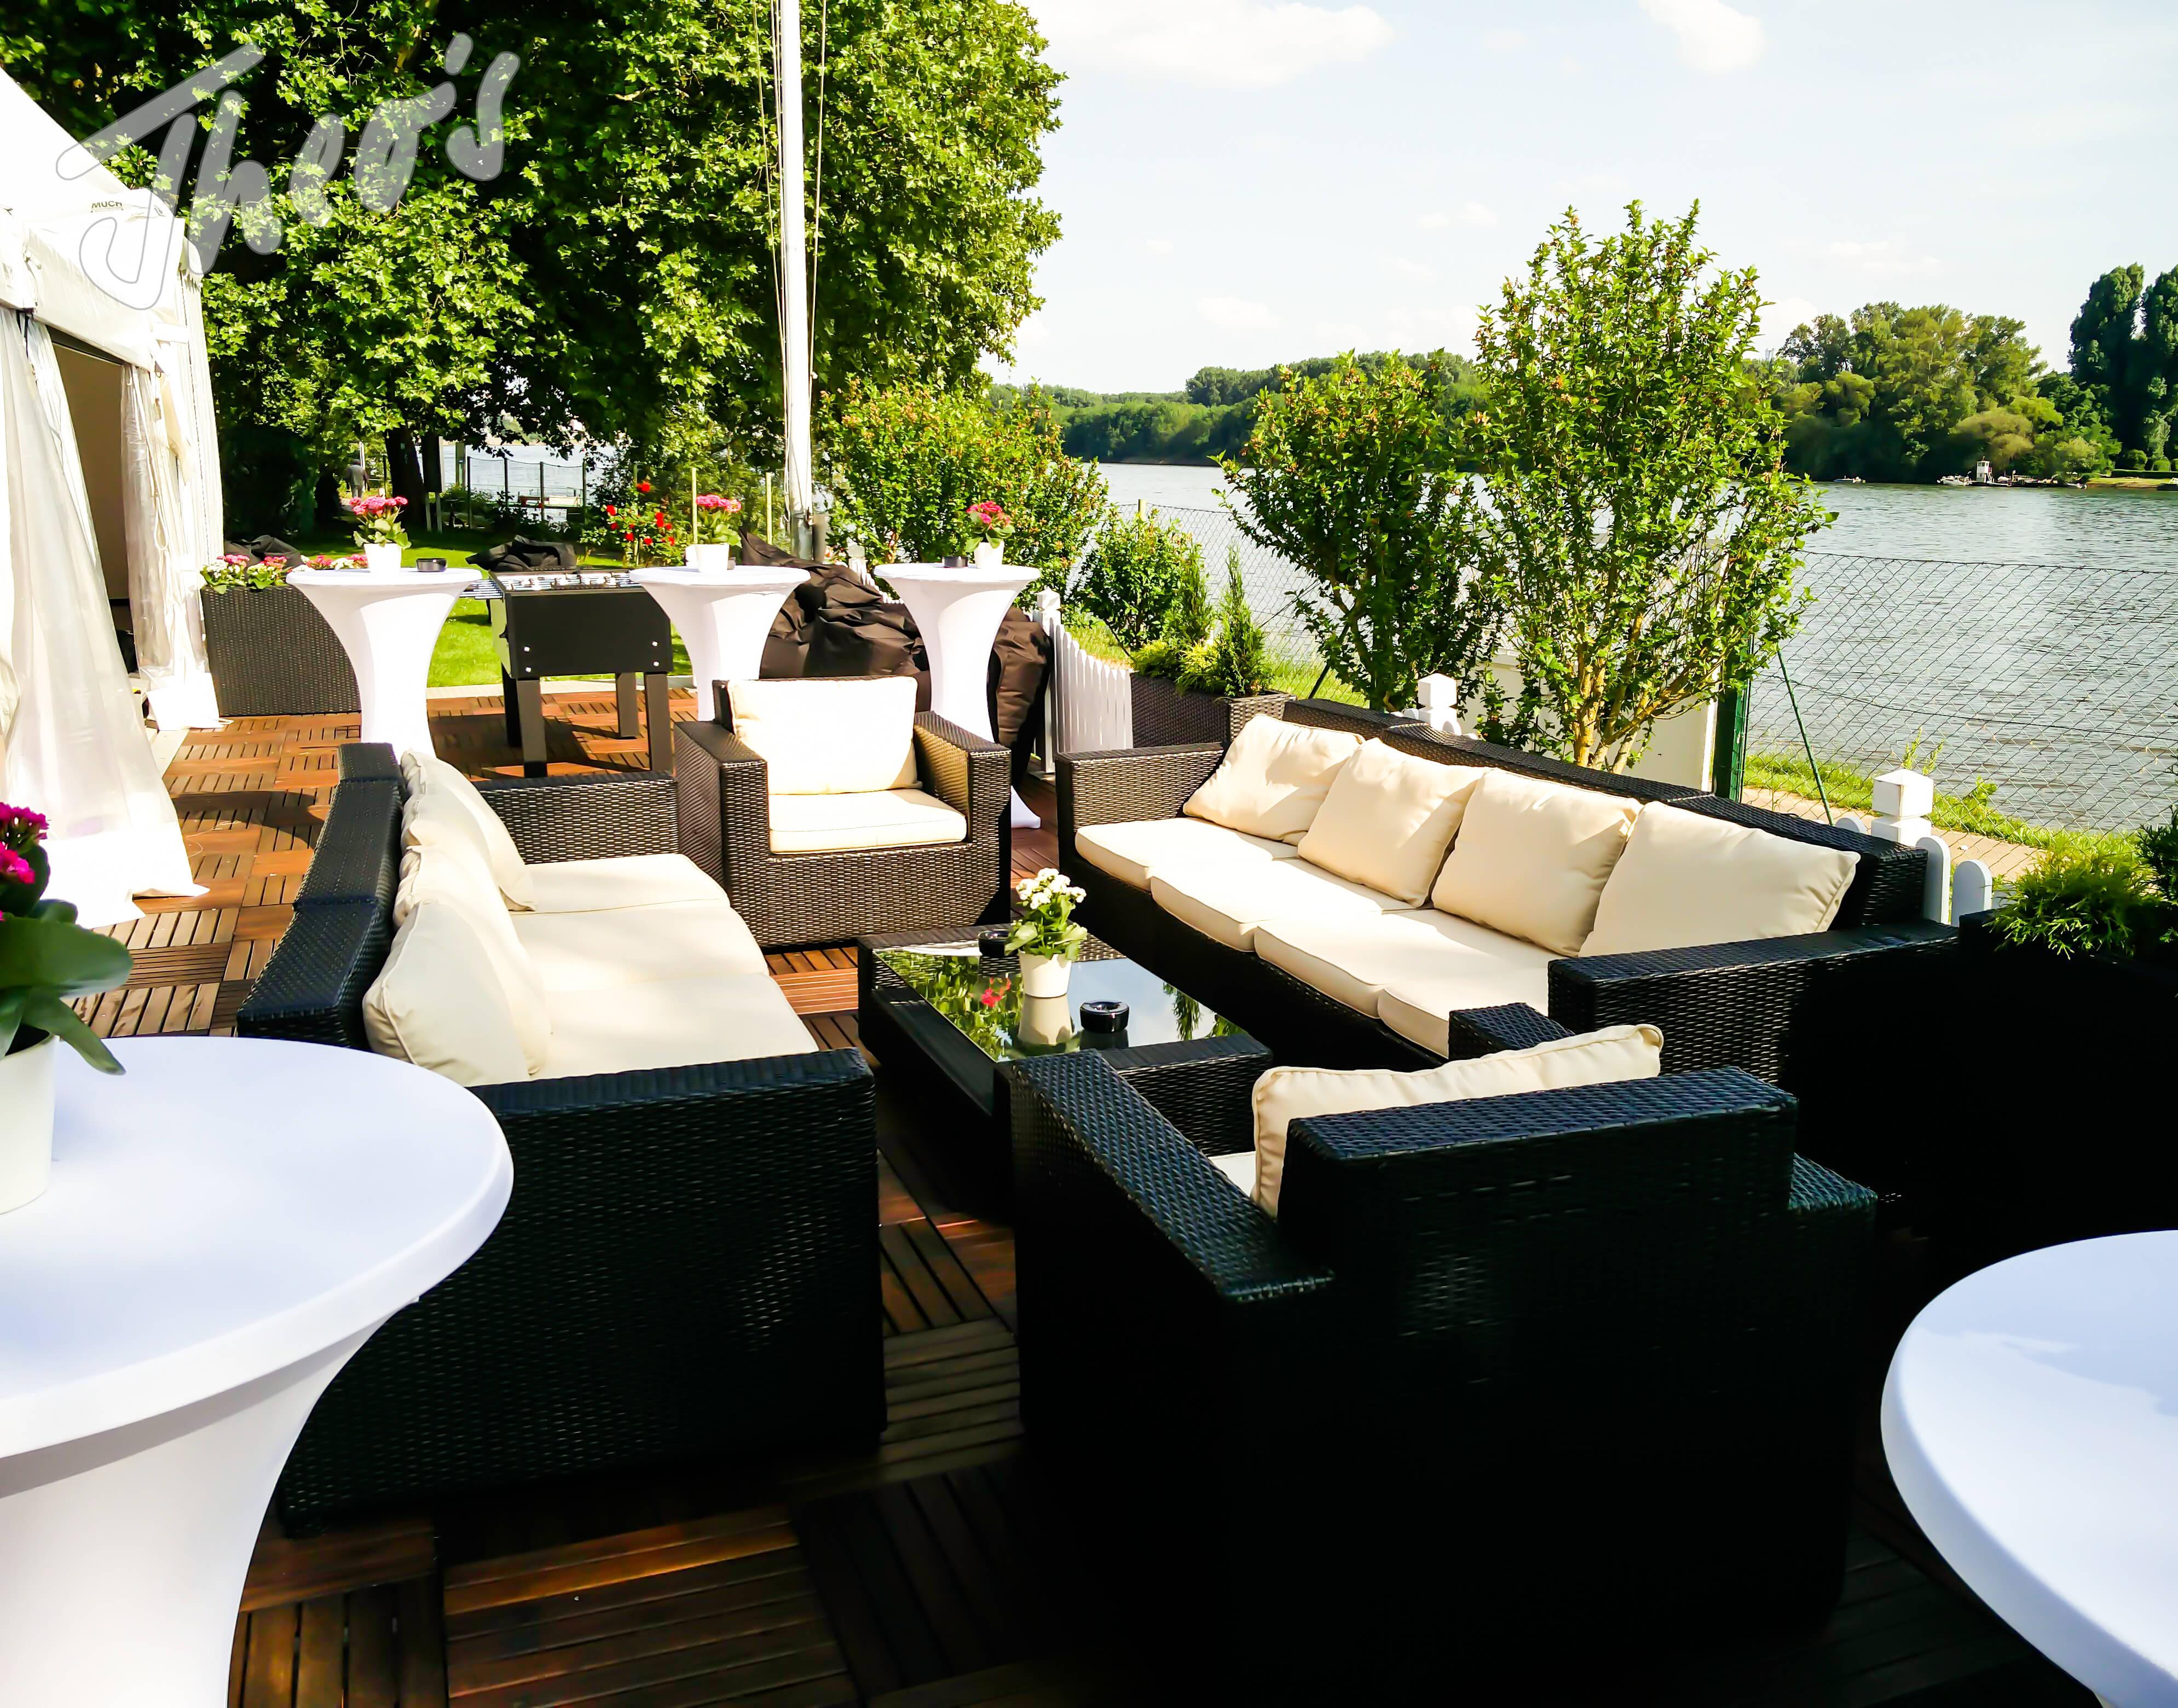 Geburtstag_Zelt_outdoor_Terrasse_lounge_dyckerhoff_geburtstag_stine